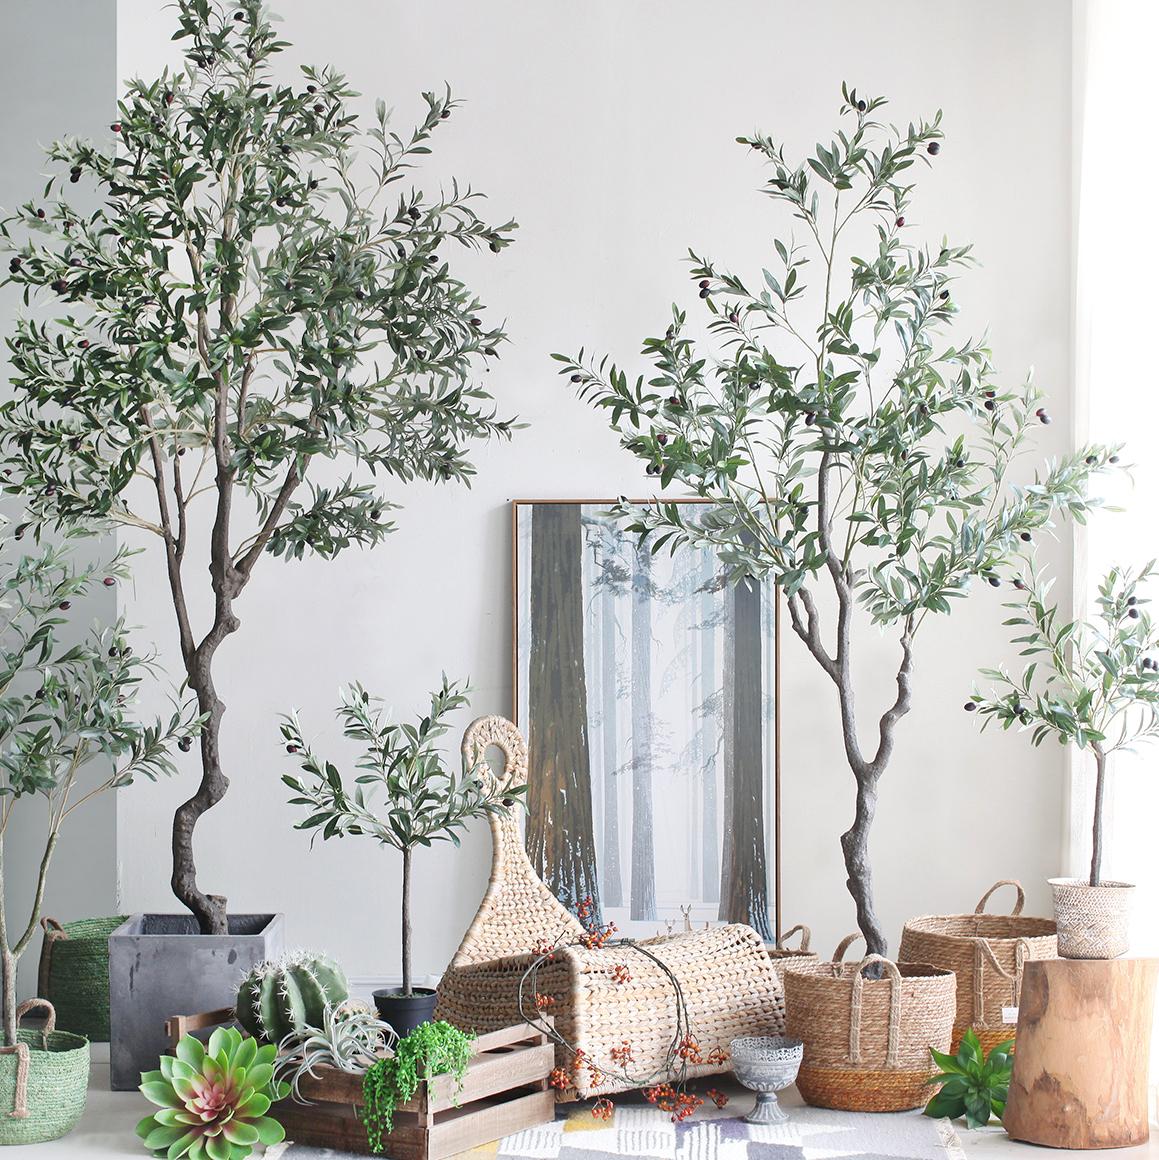 西西里ins北欧仿真绿植盆栽橄榄树落地大型植物家居办公橱窗摆设